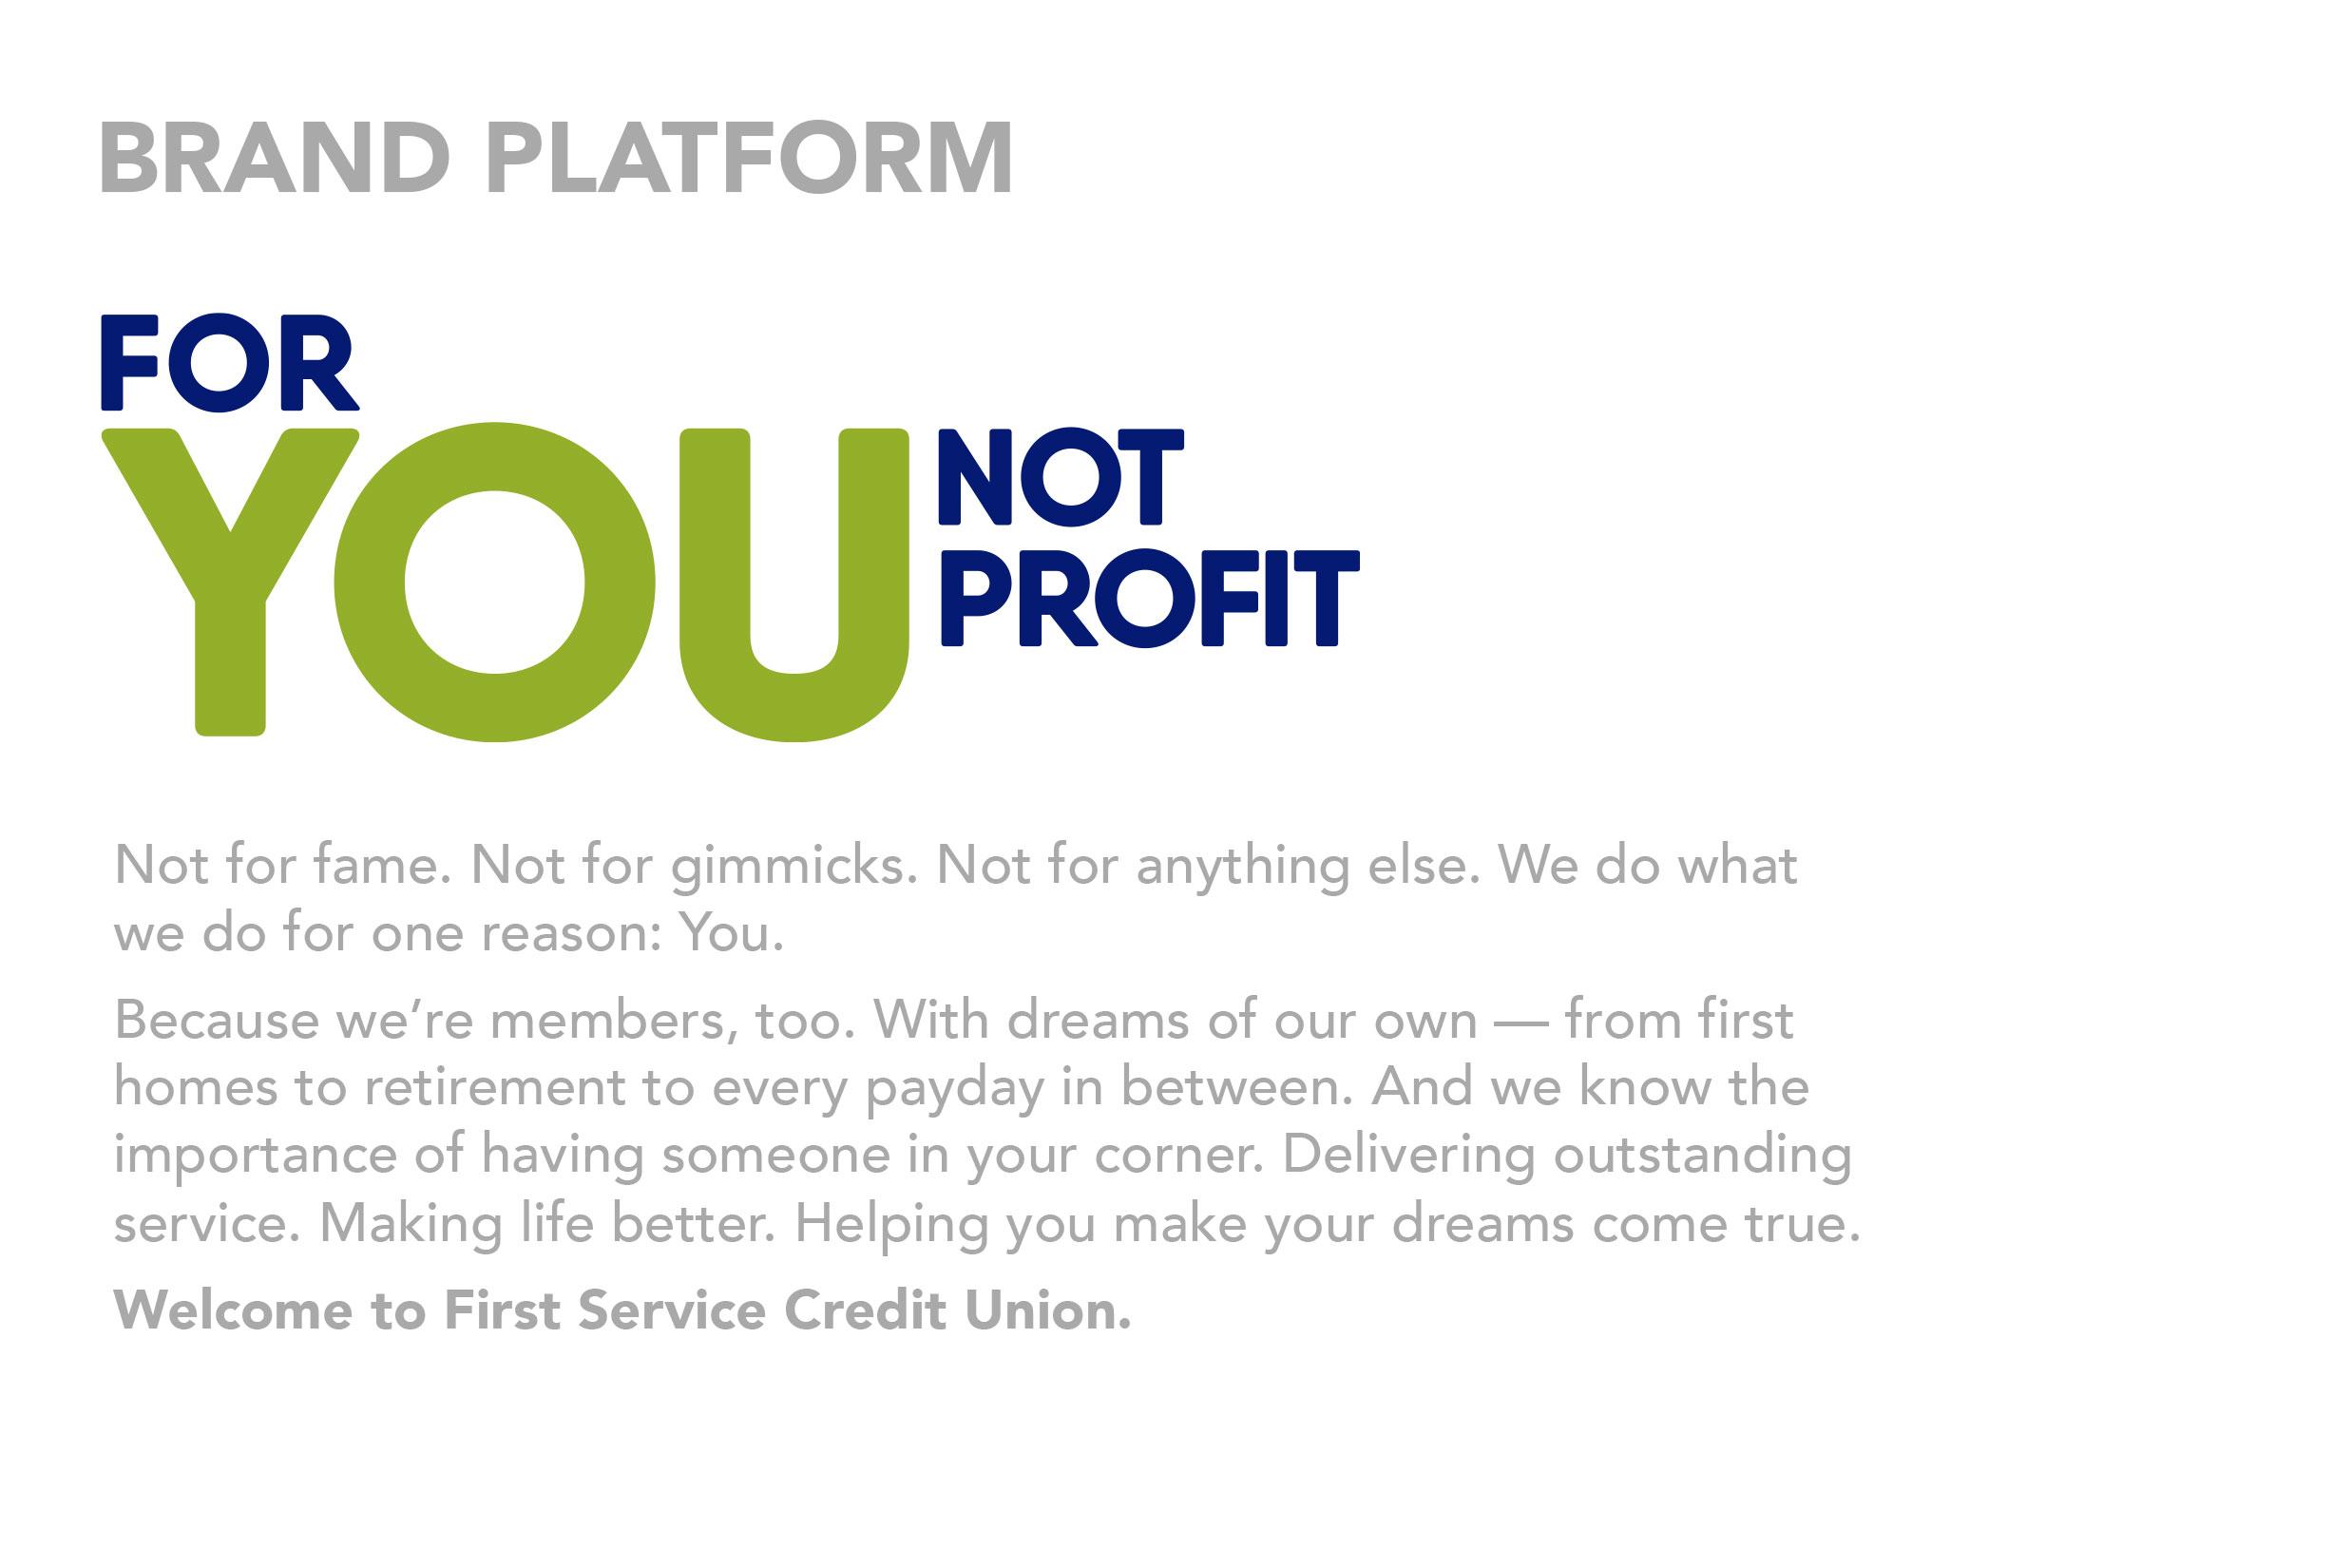 First Service Credit Union – brand platform statement